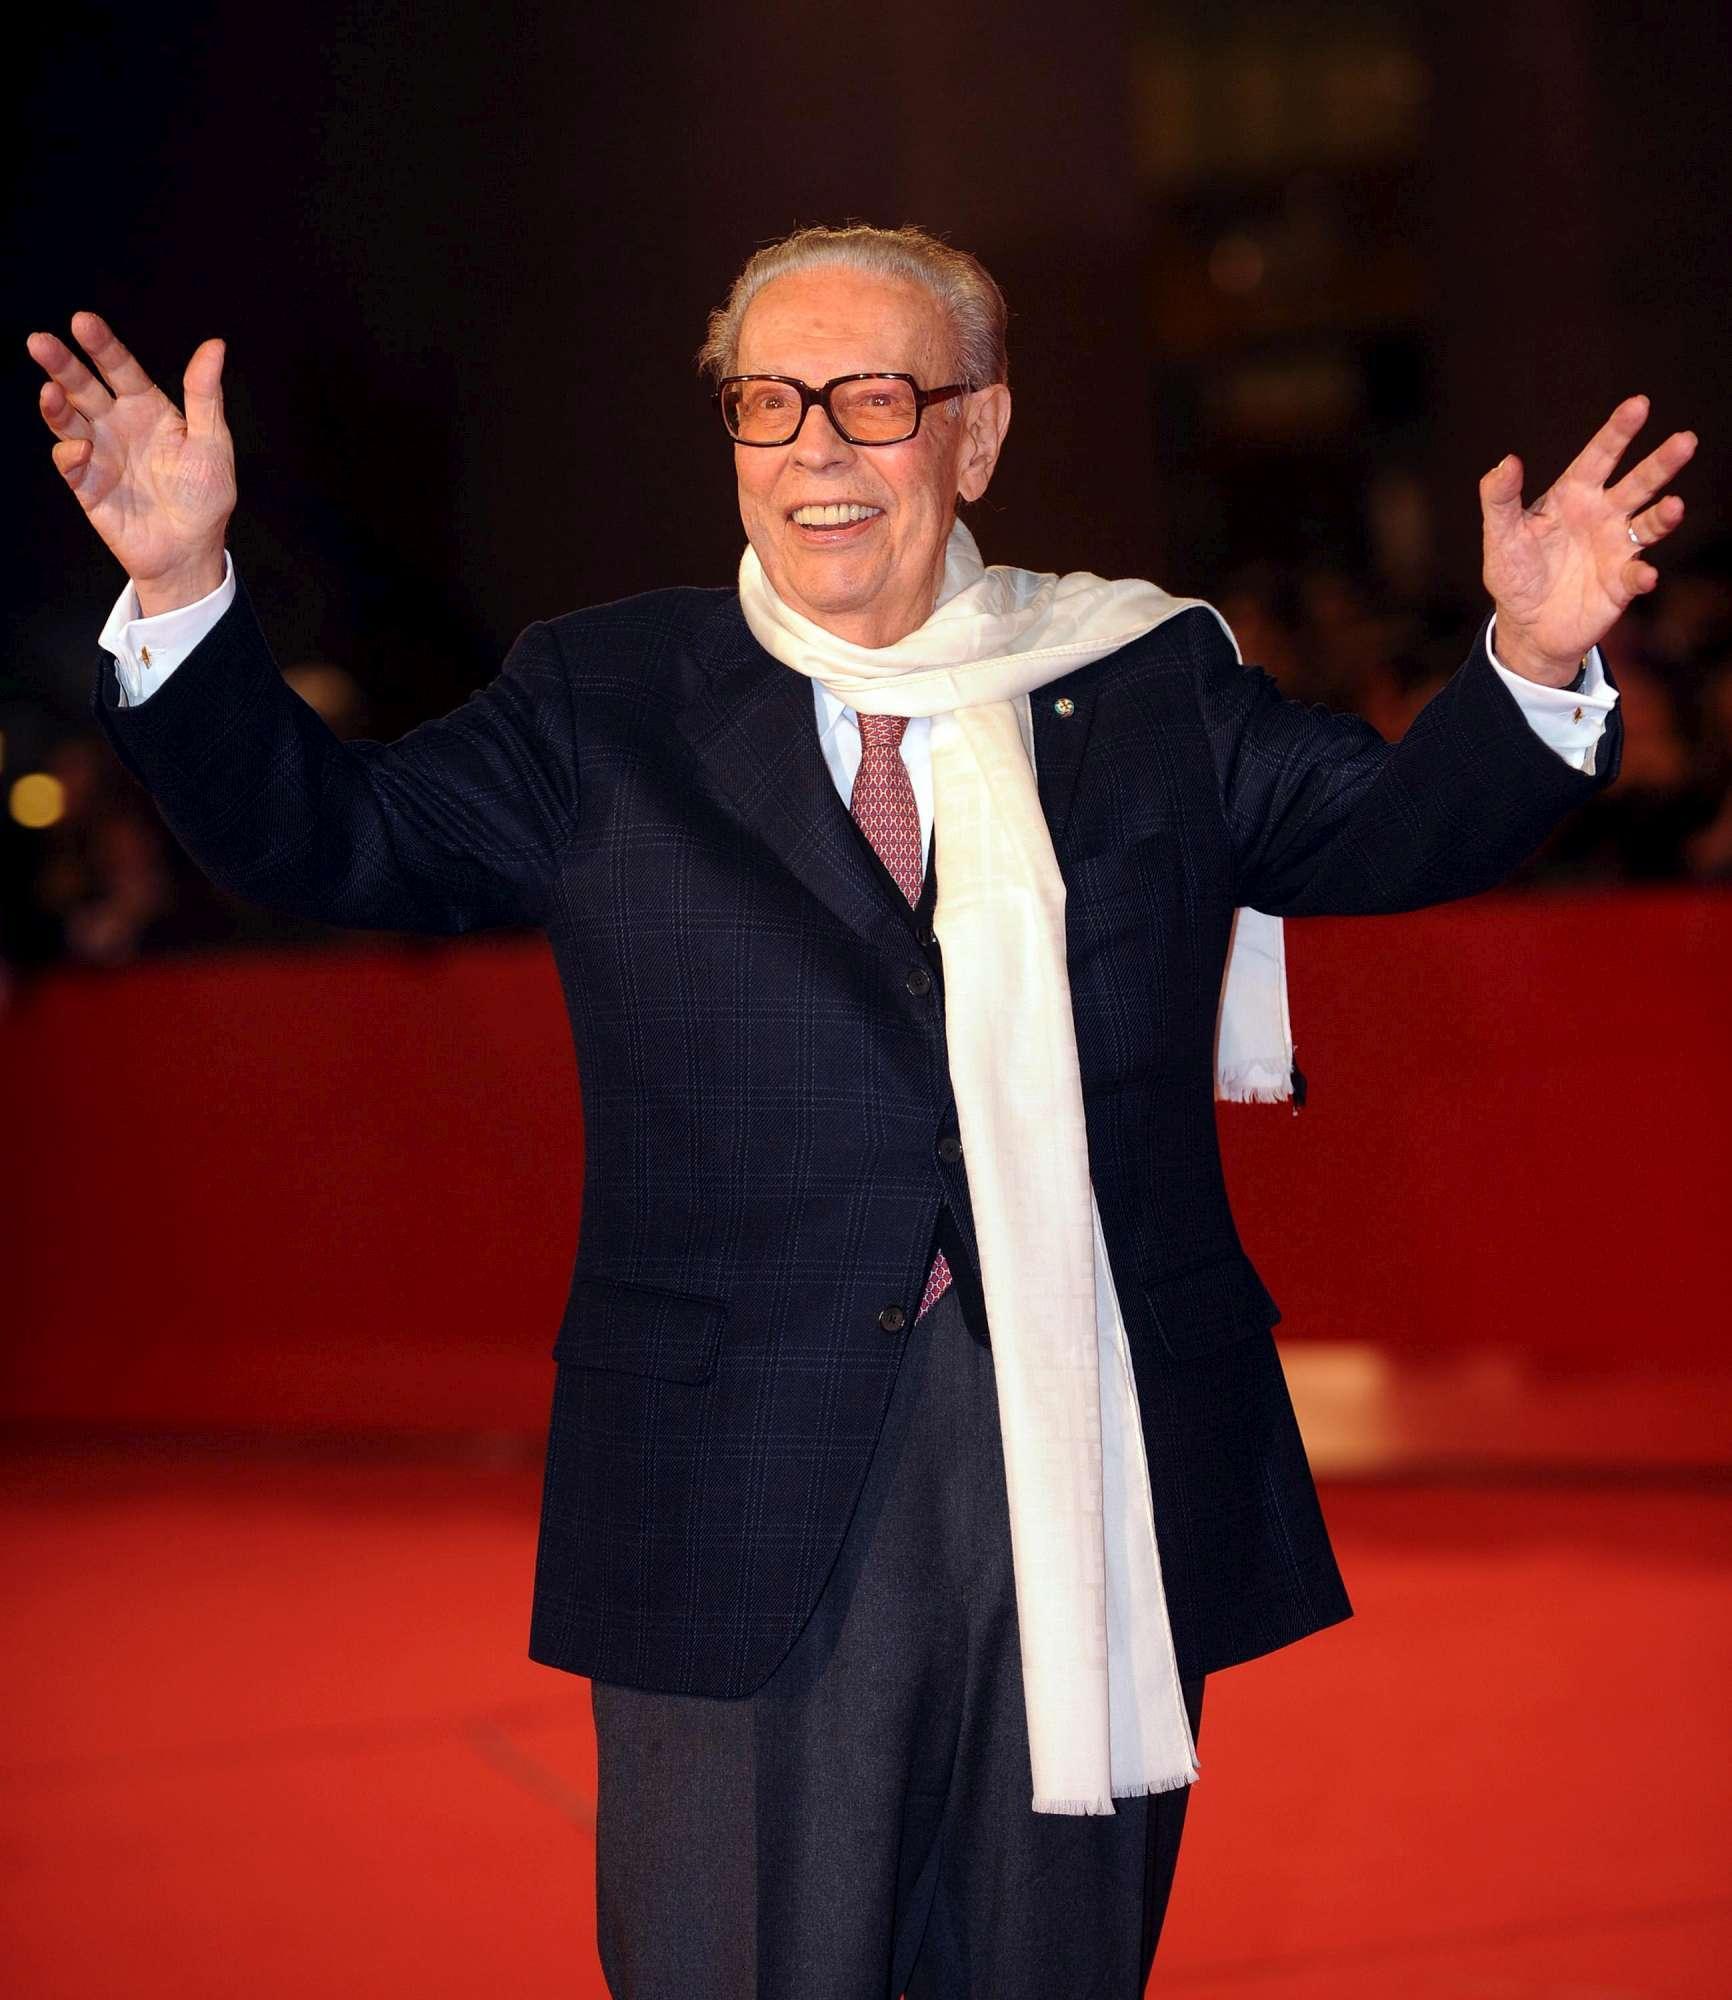 Addio a Gian Luigi Rondi, il papà della critica cinematografica